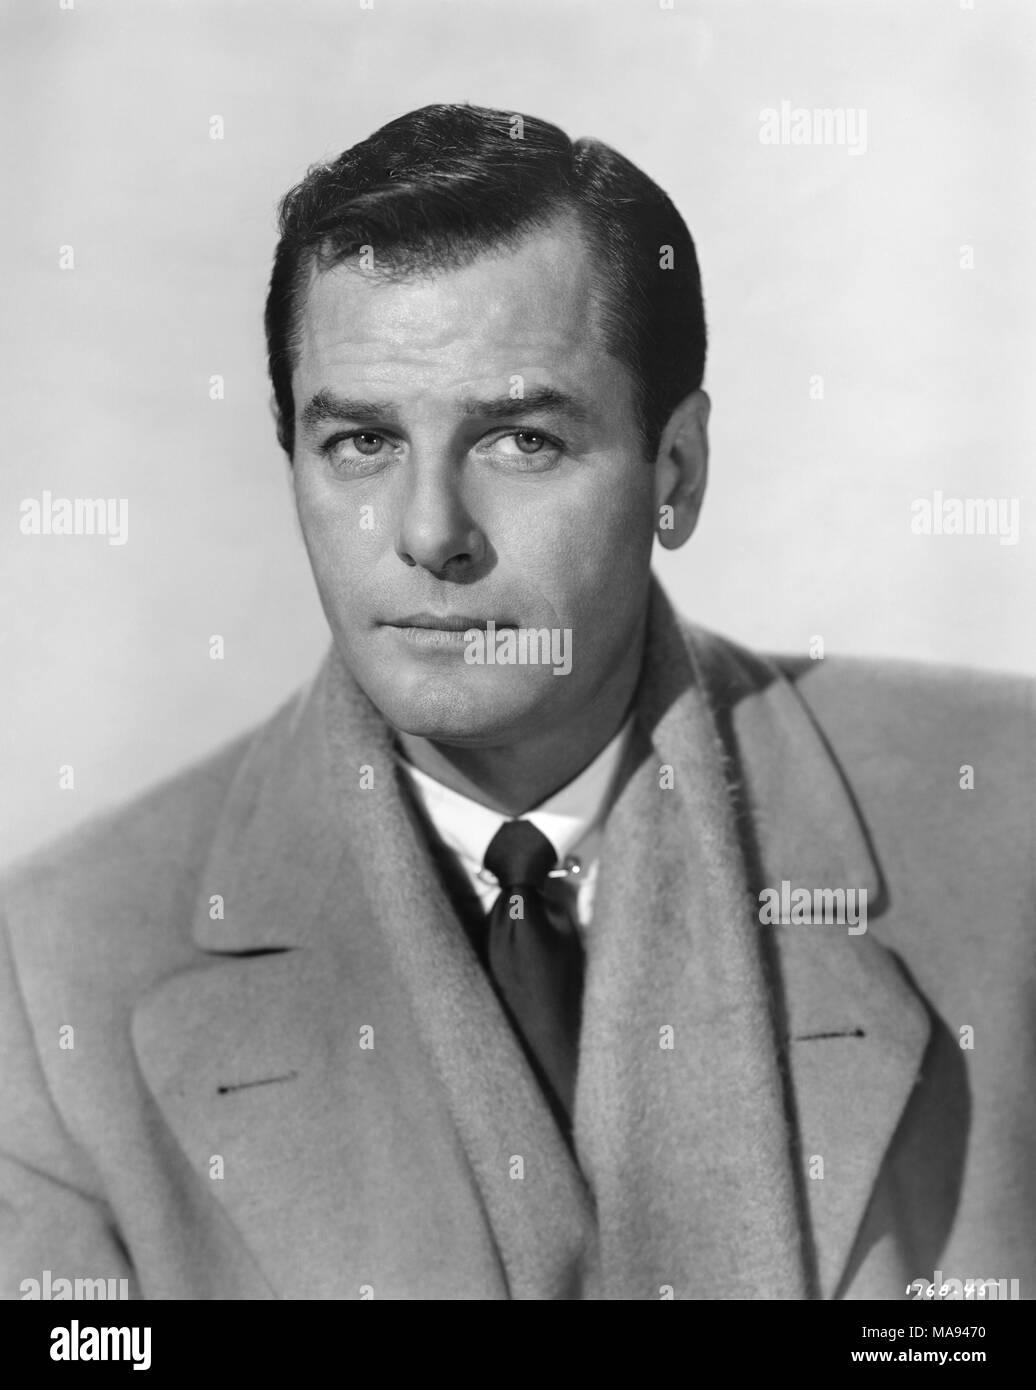 Schauspieler Gig Young, Werbung, Portrait, 1950er Jahre Stockbild